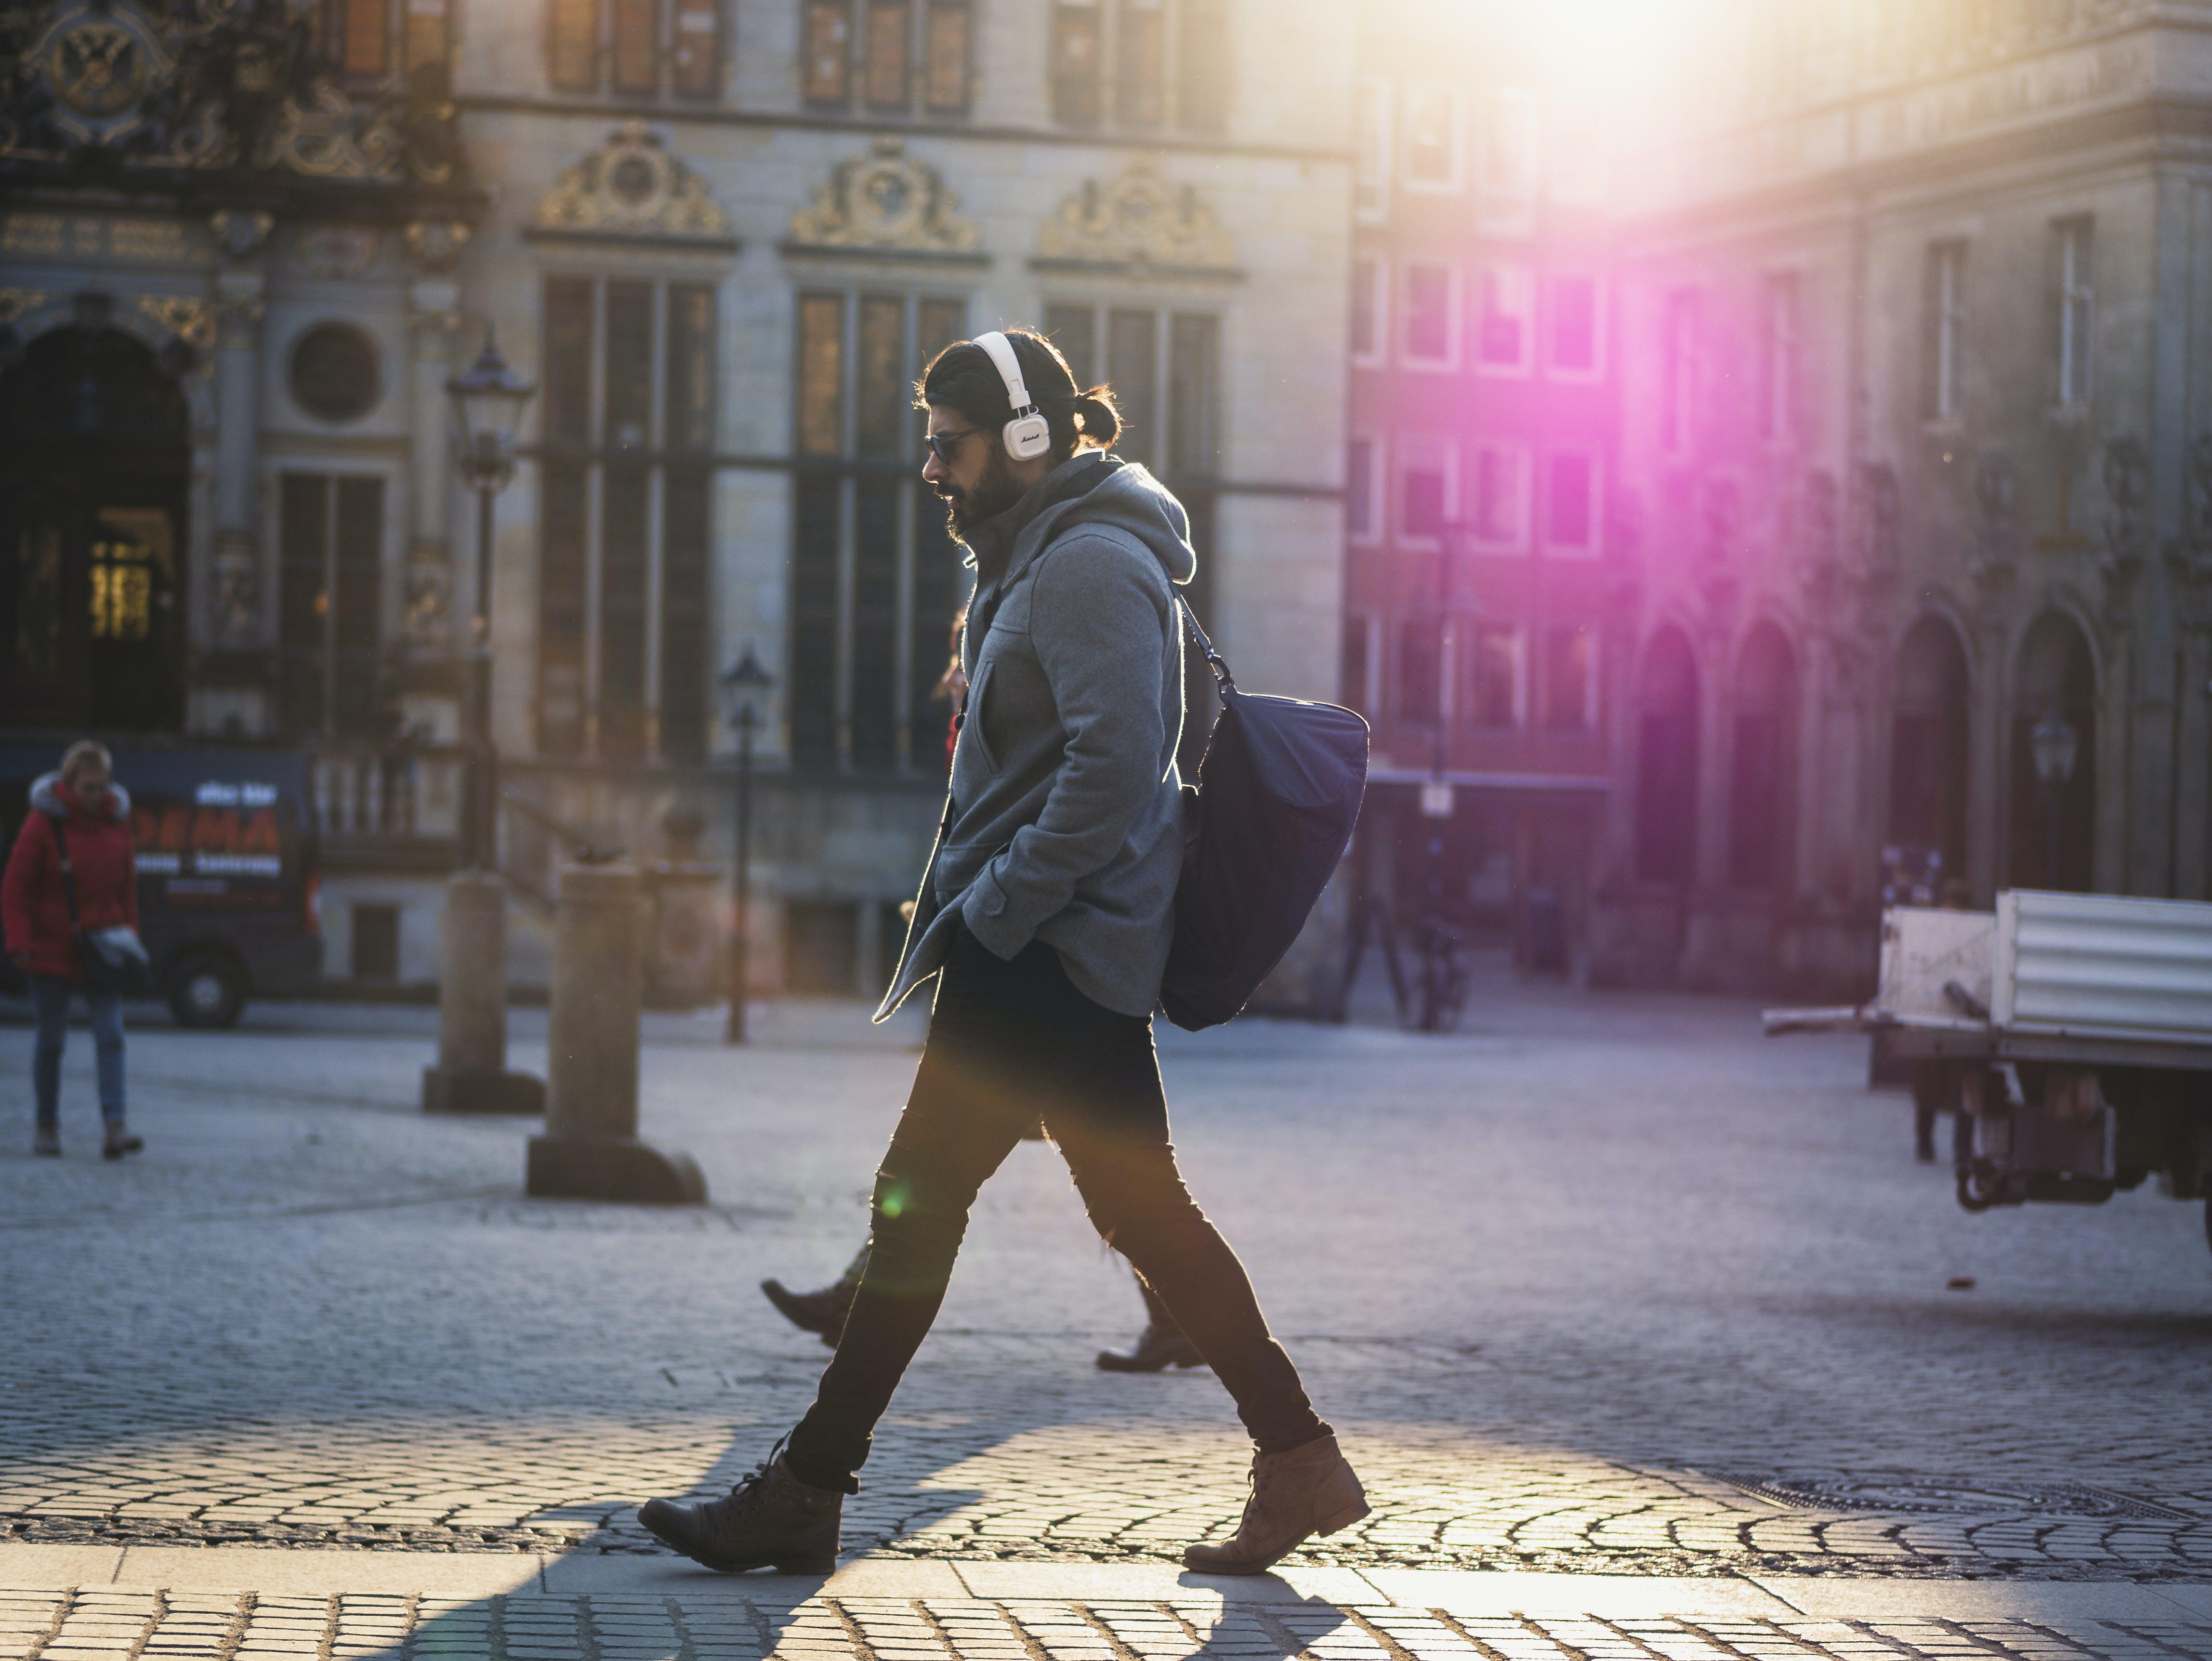 Δωρεάν στοκ φωτογραφιών με ακουστικά, άνδρες, Άνθρωποι, άντρας